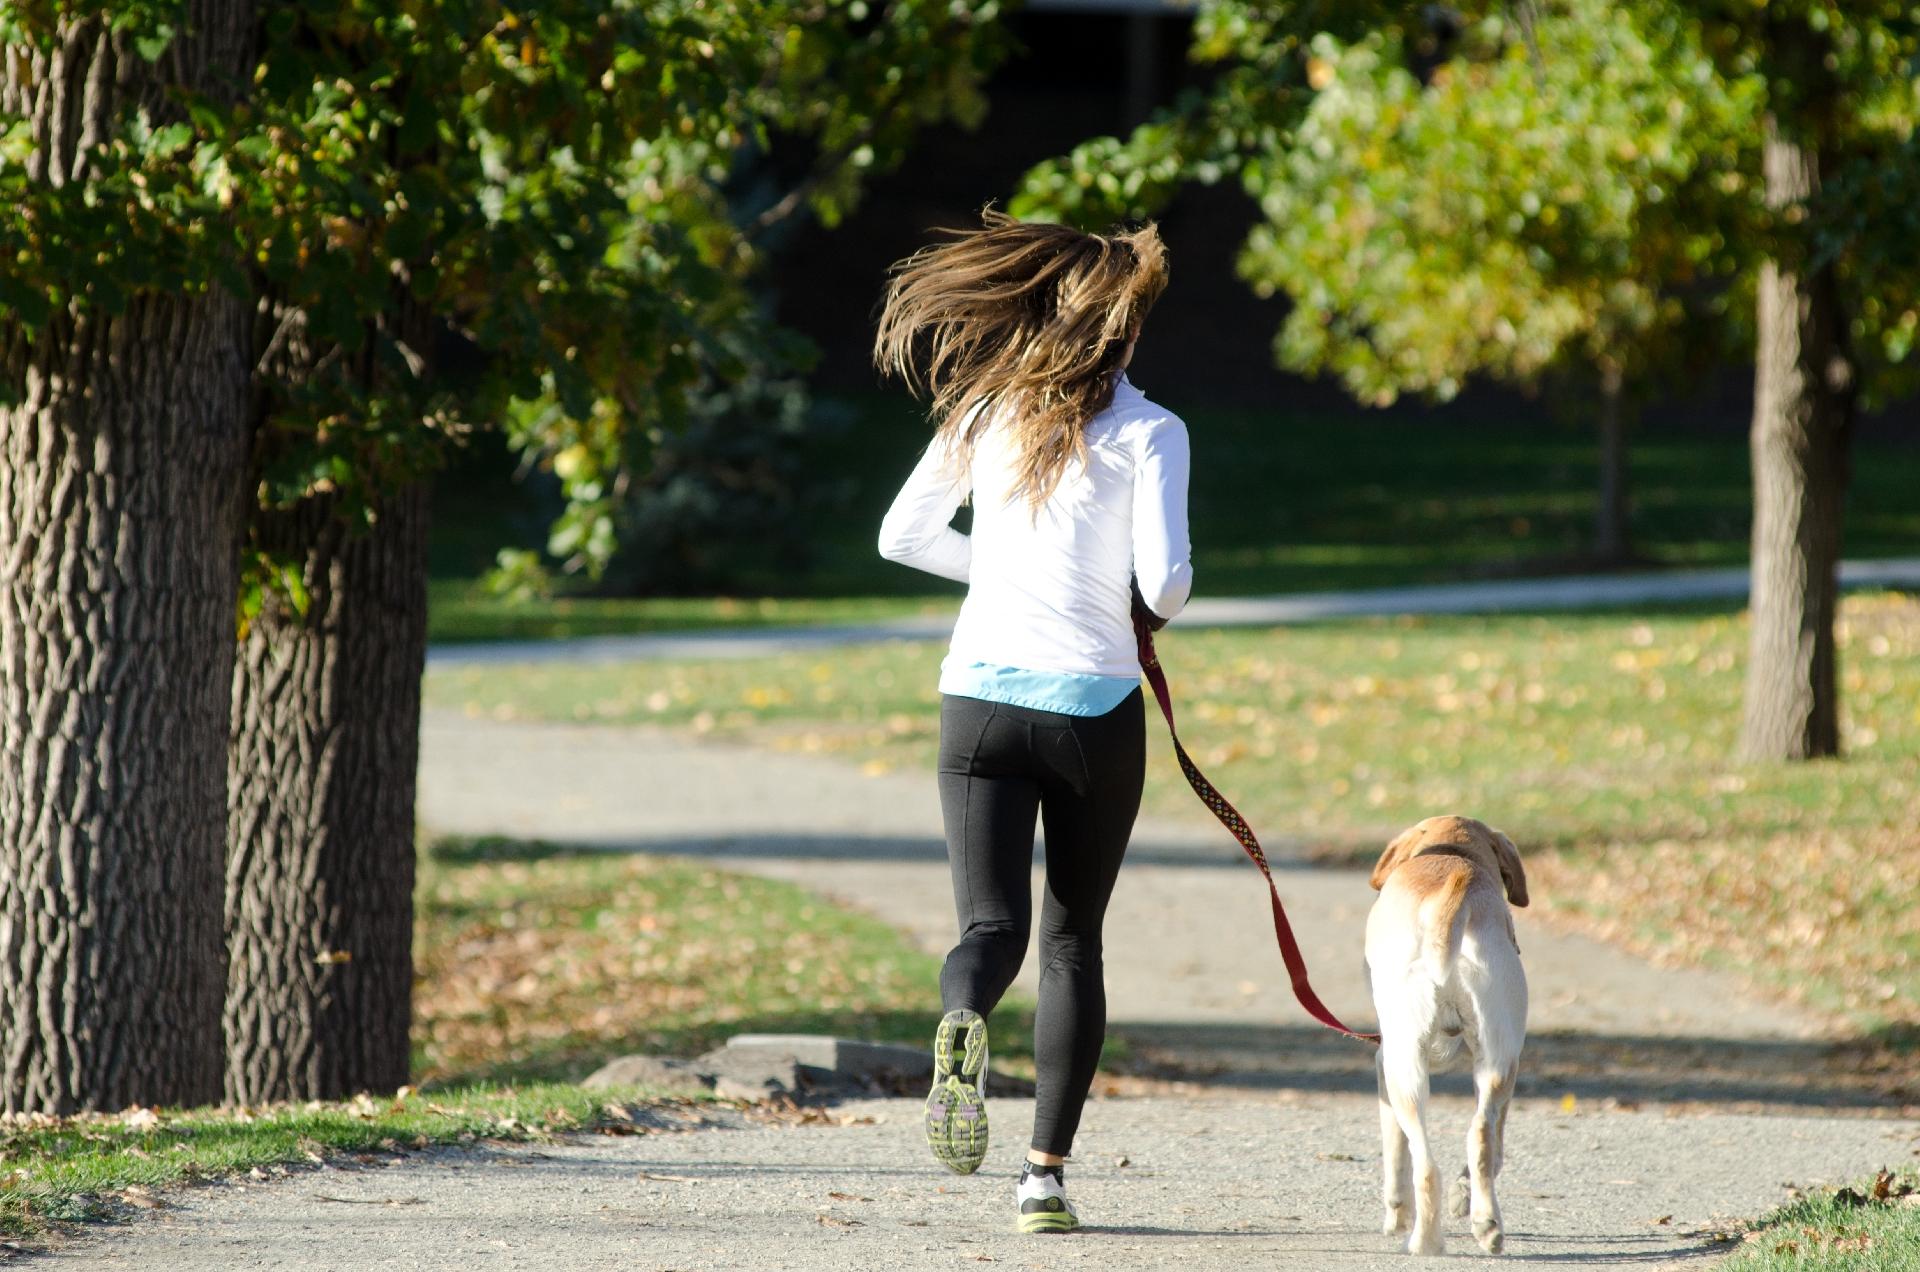 ジョギング特集② ジョギングの効果について